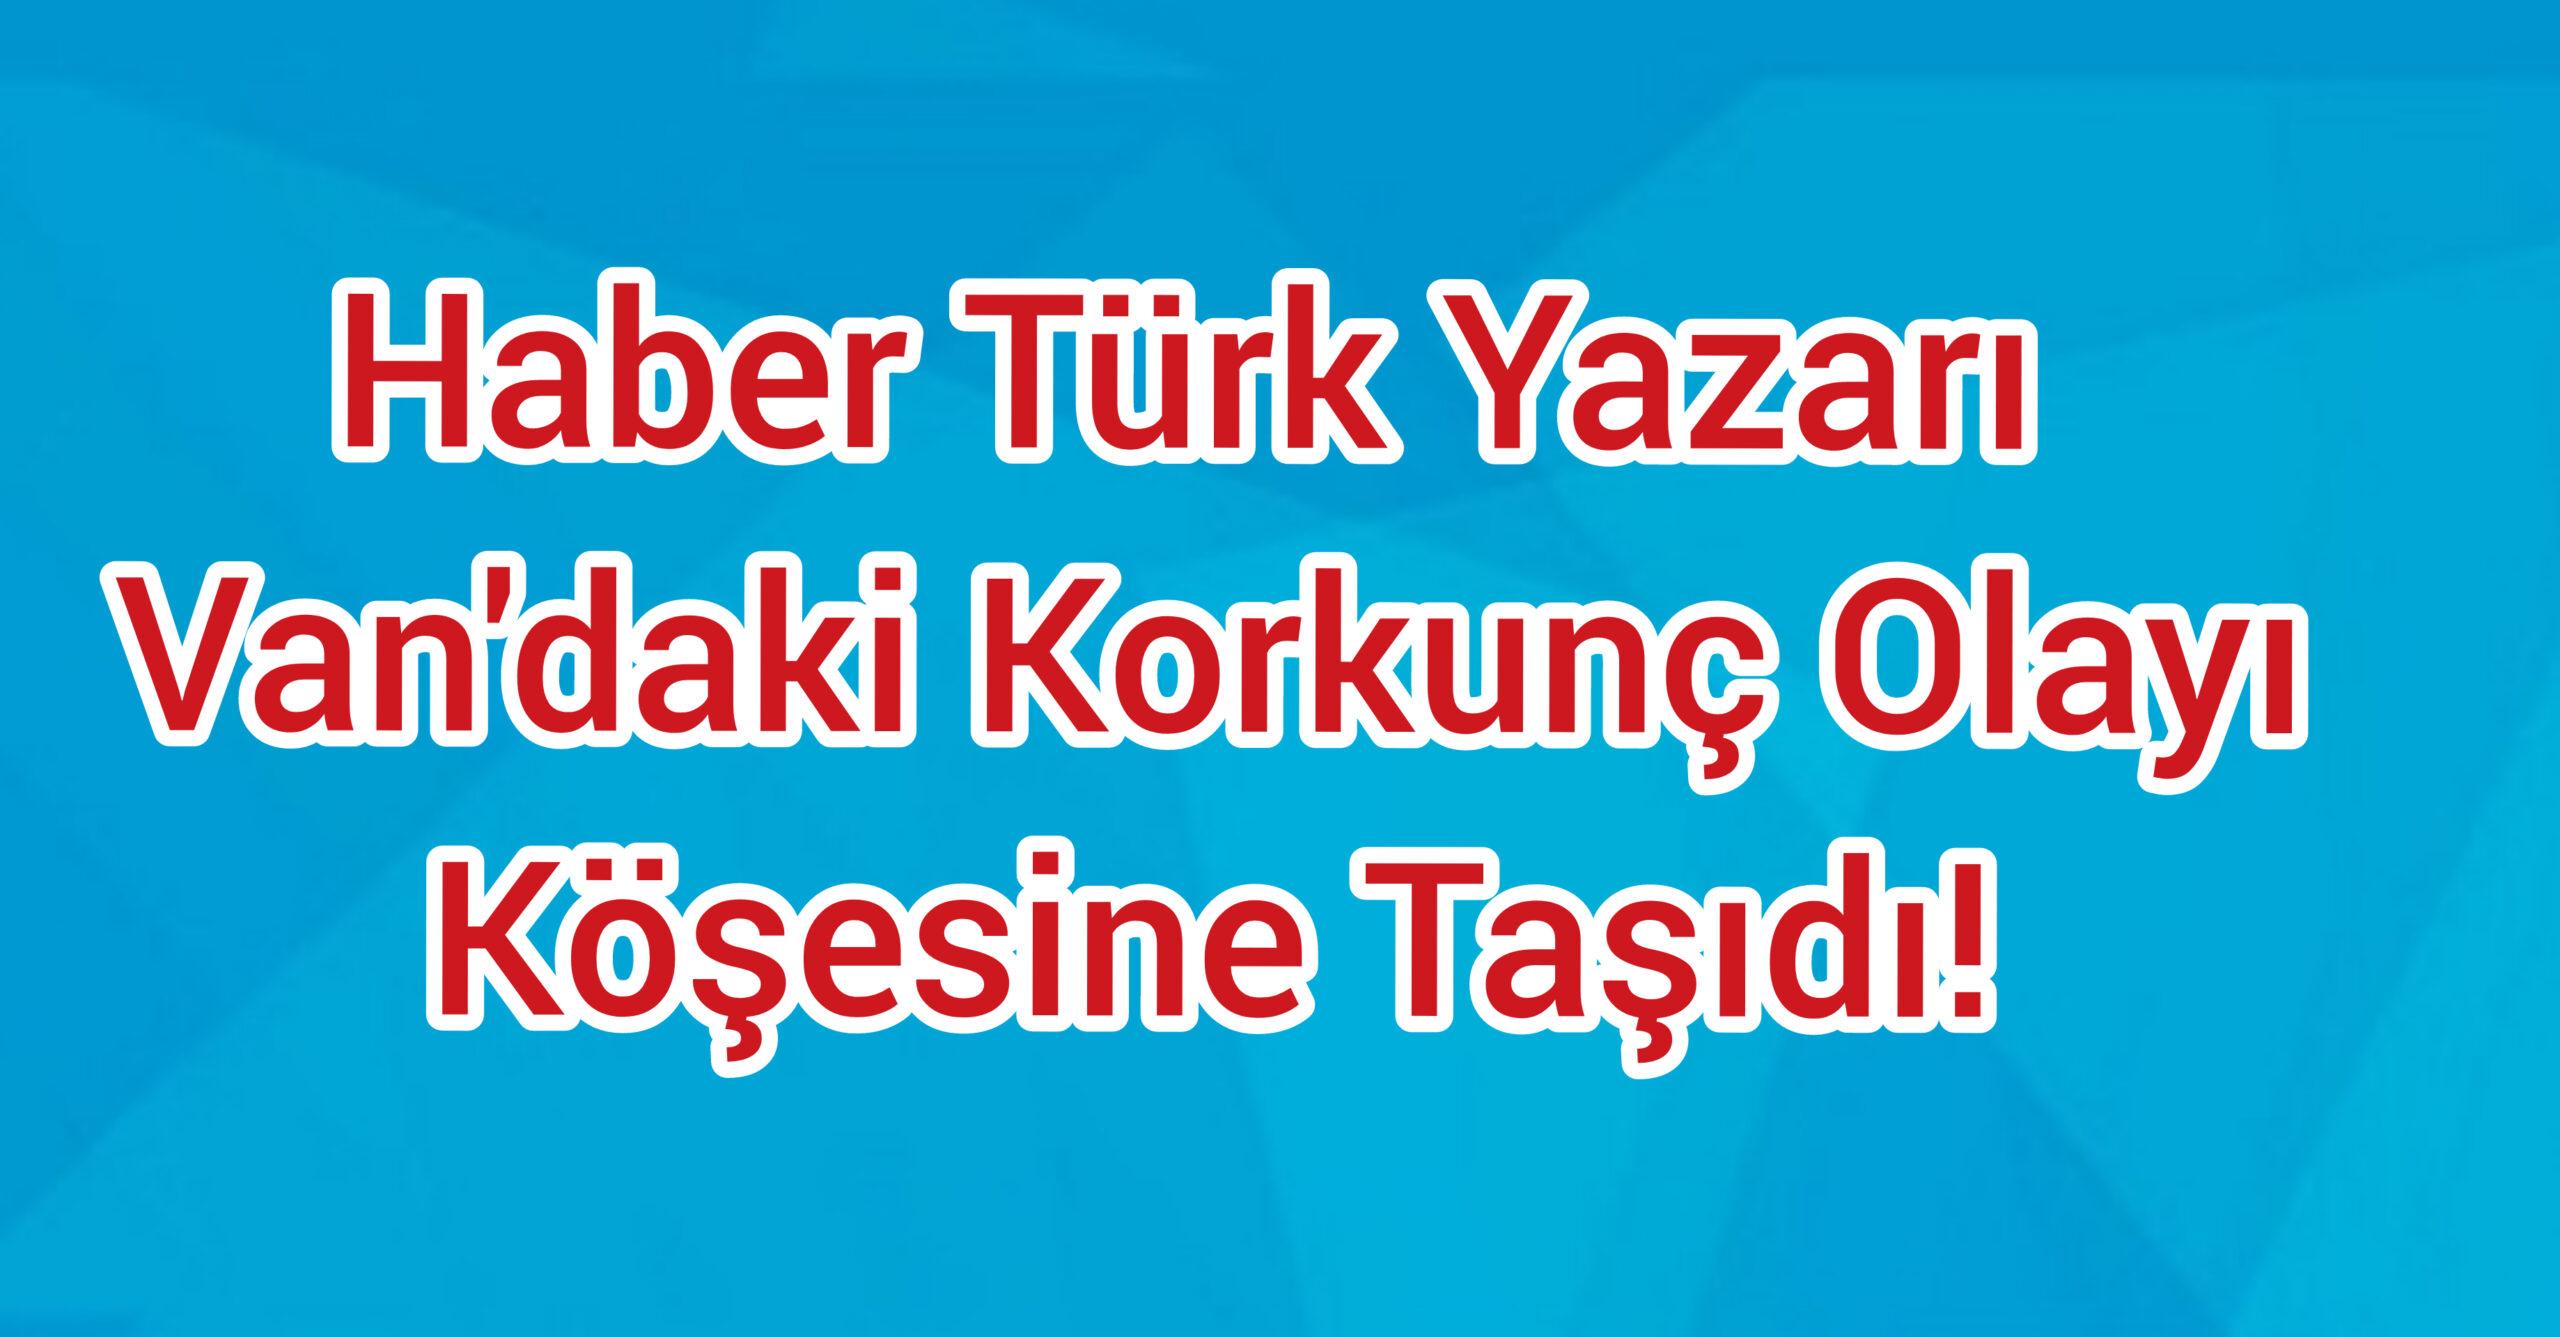 Haber Türk Yazarı Van'daki Korkunç Olayı Köşesine Taşıdı